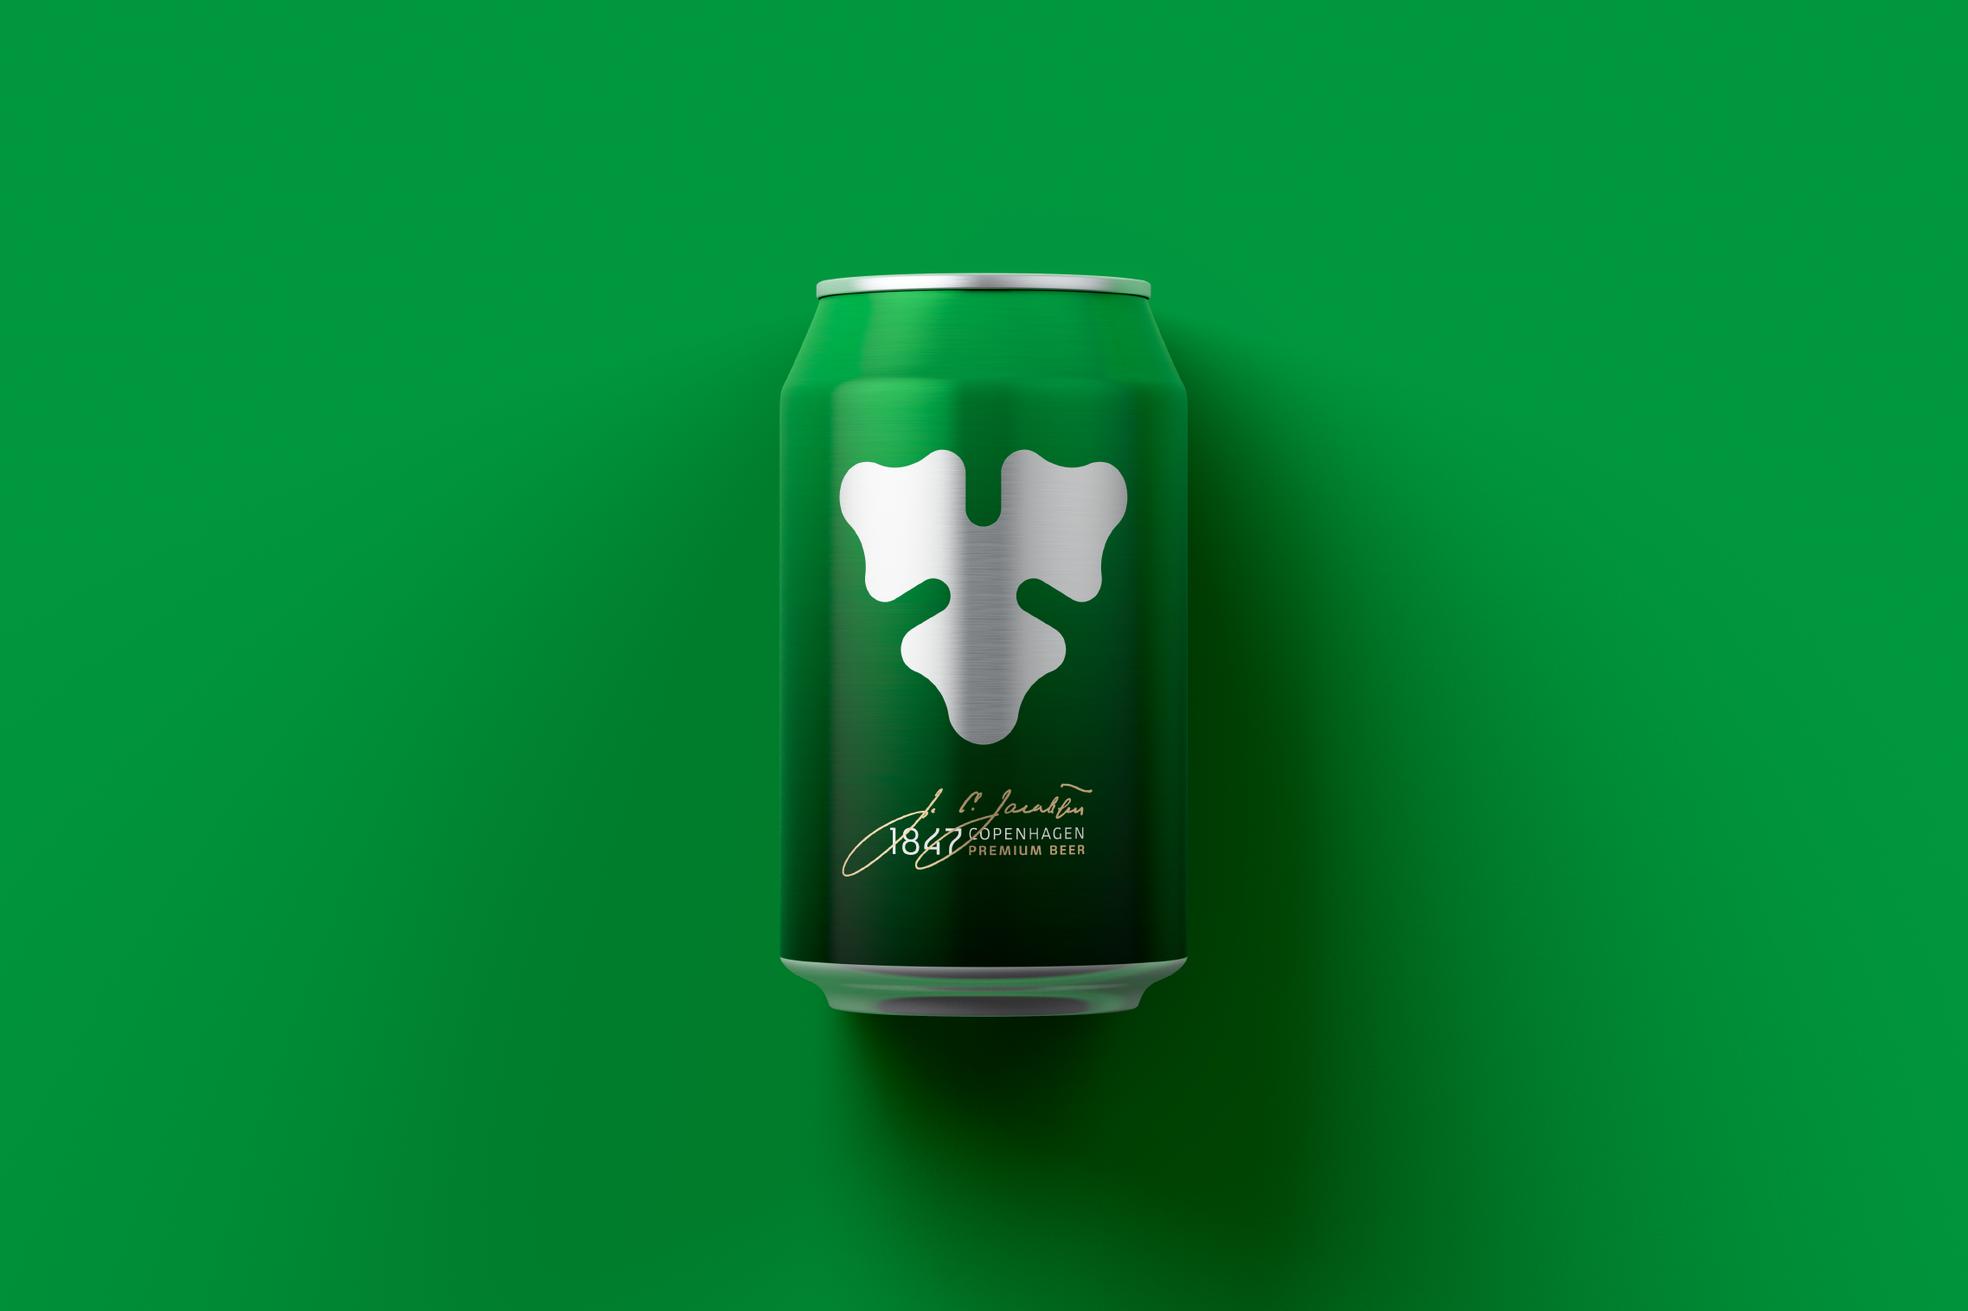 Beer & Branding: Carlsberg